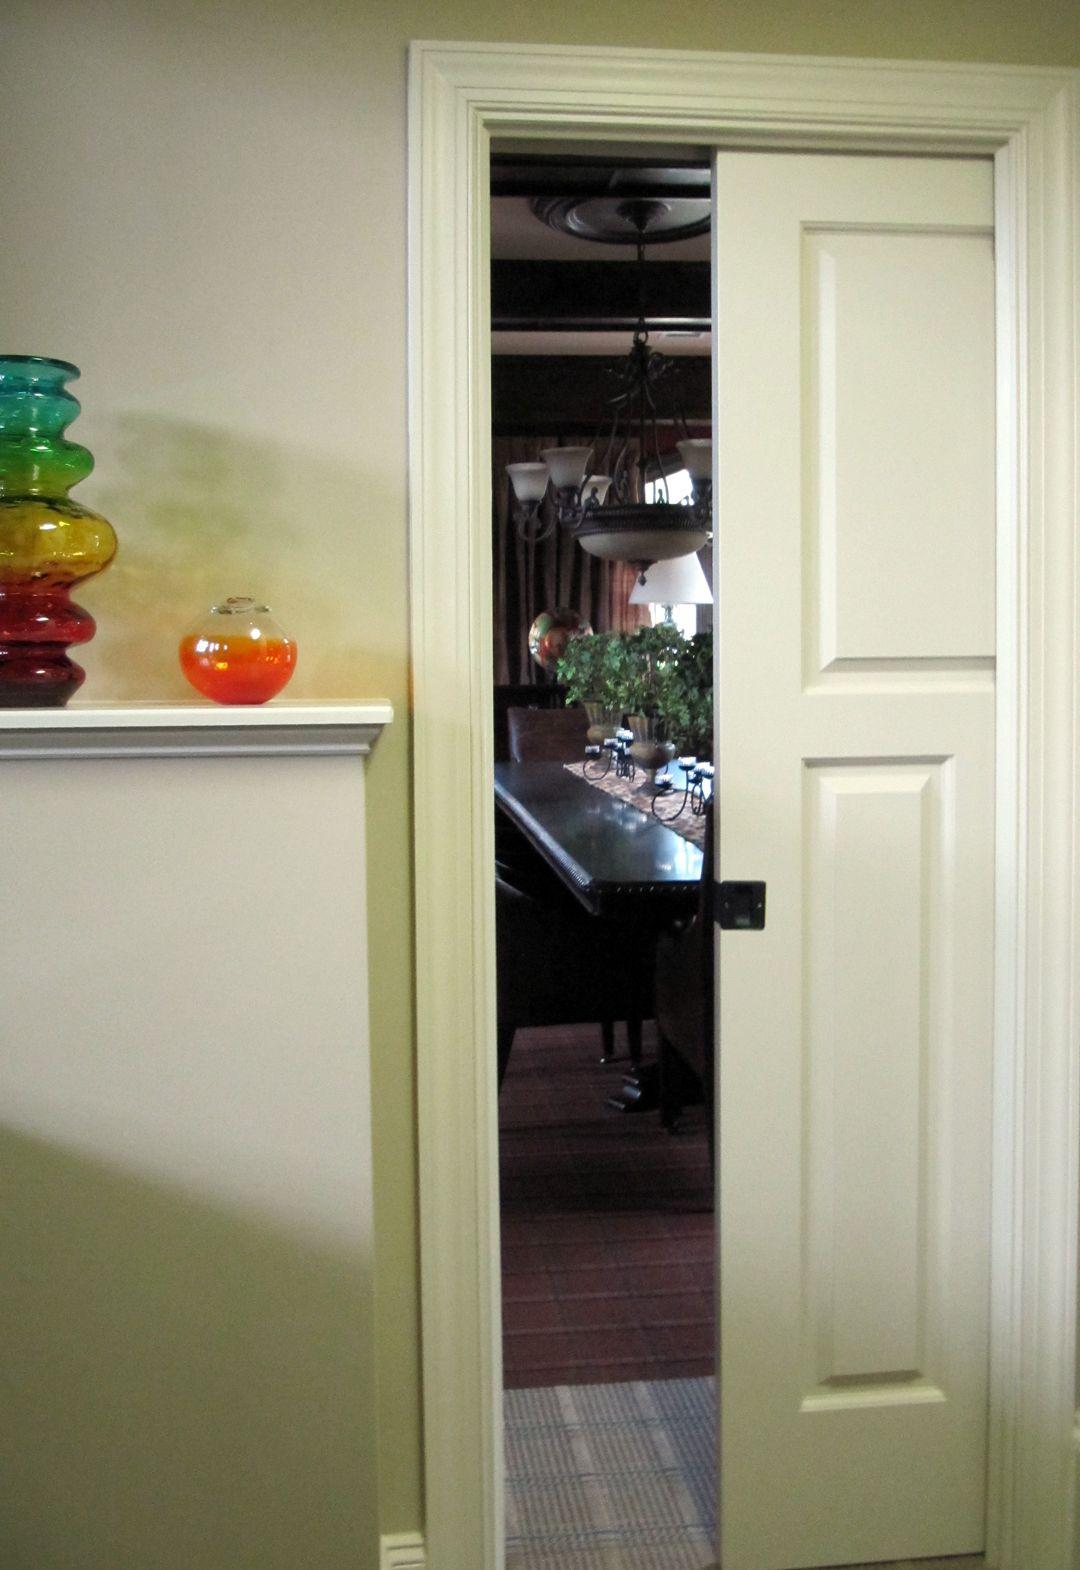 Craftsman Style Pocket Door Pocket Doors Kitchen Cabinets French Door Refrigerator